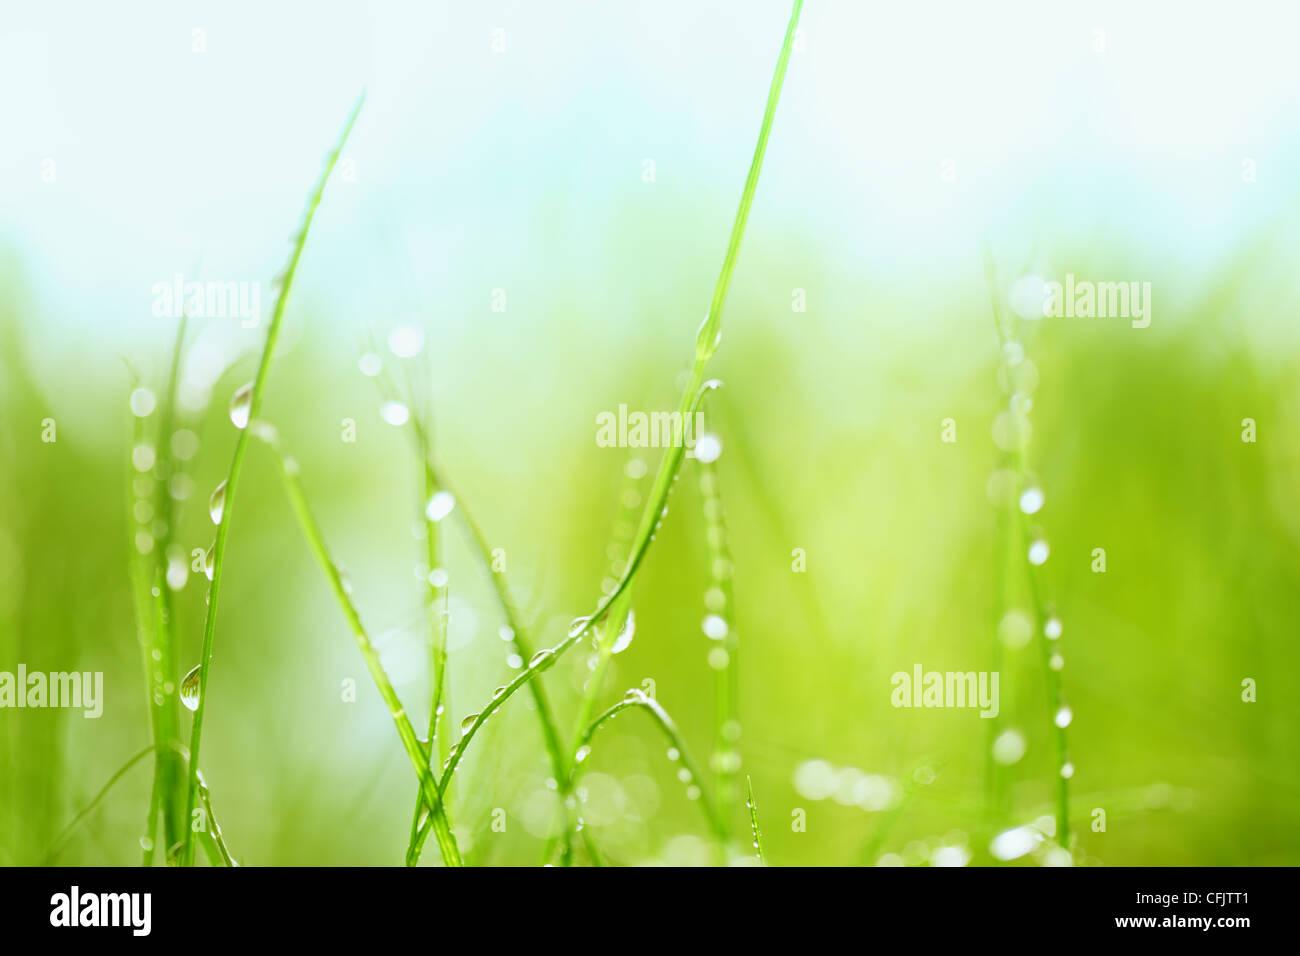 La pasto verde con gotas de agua,Closeup. Imagen De Stock